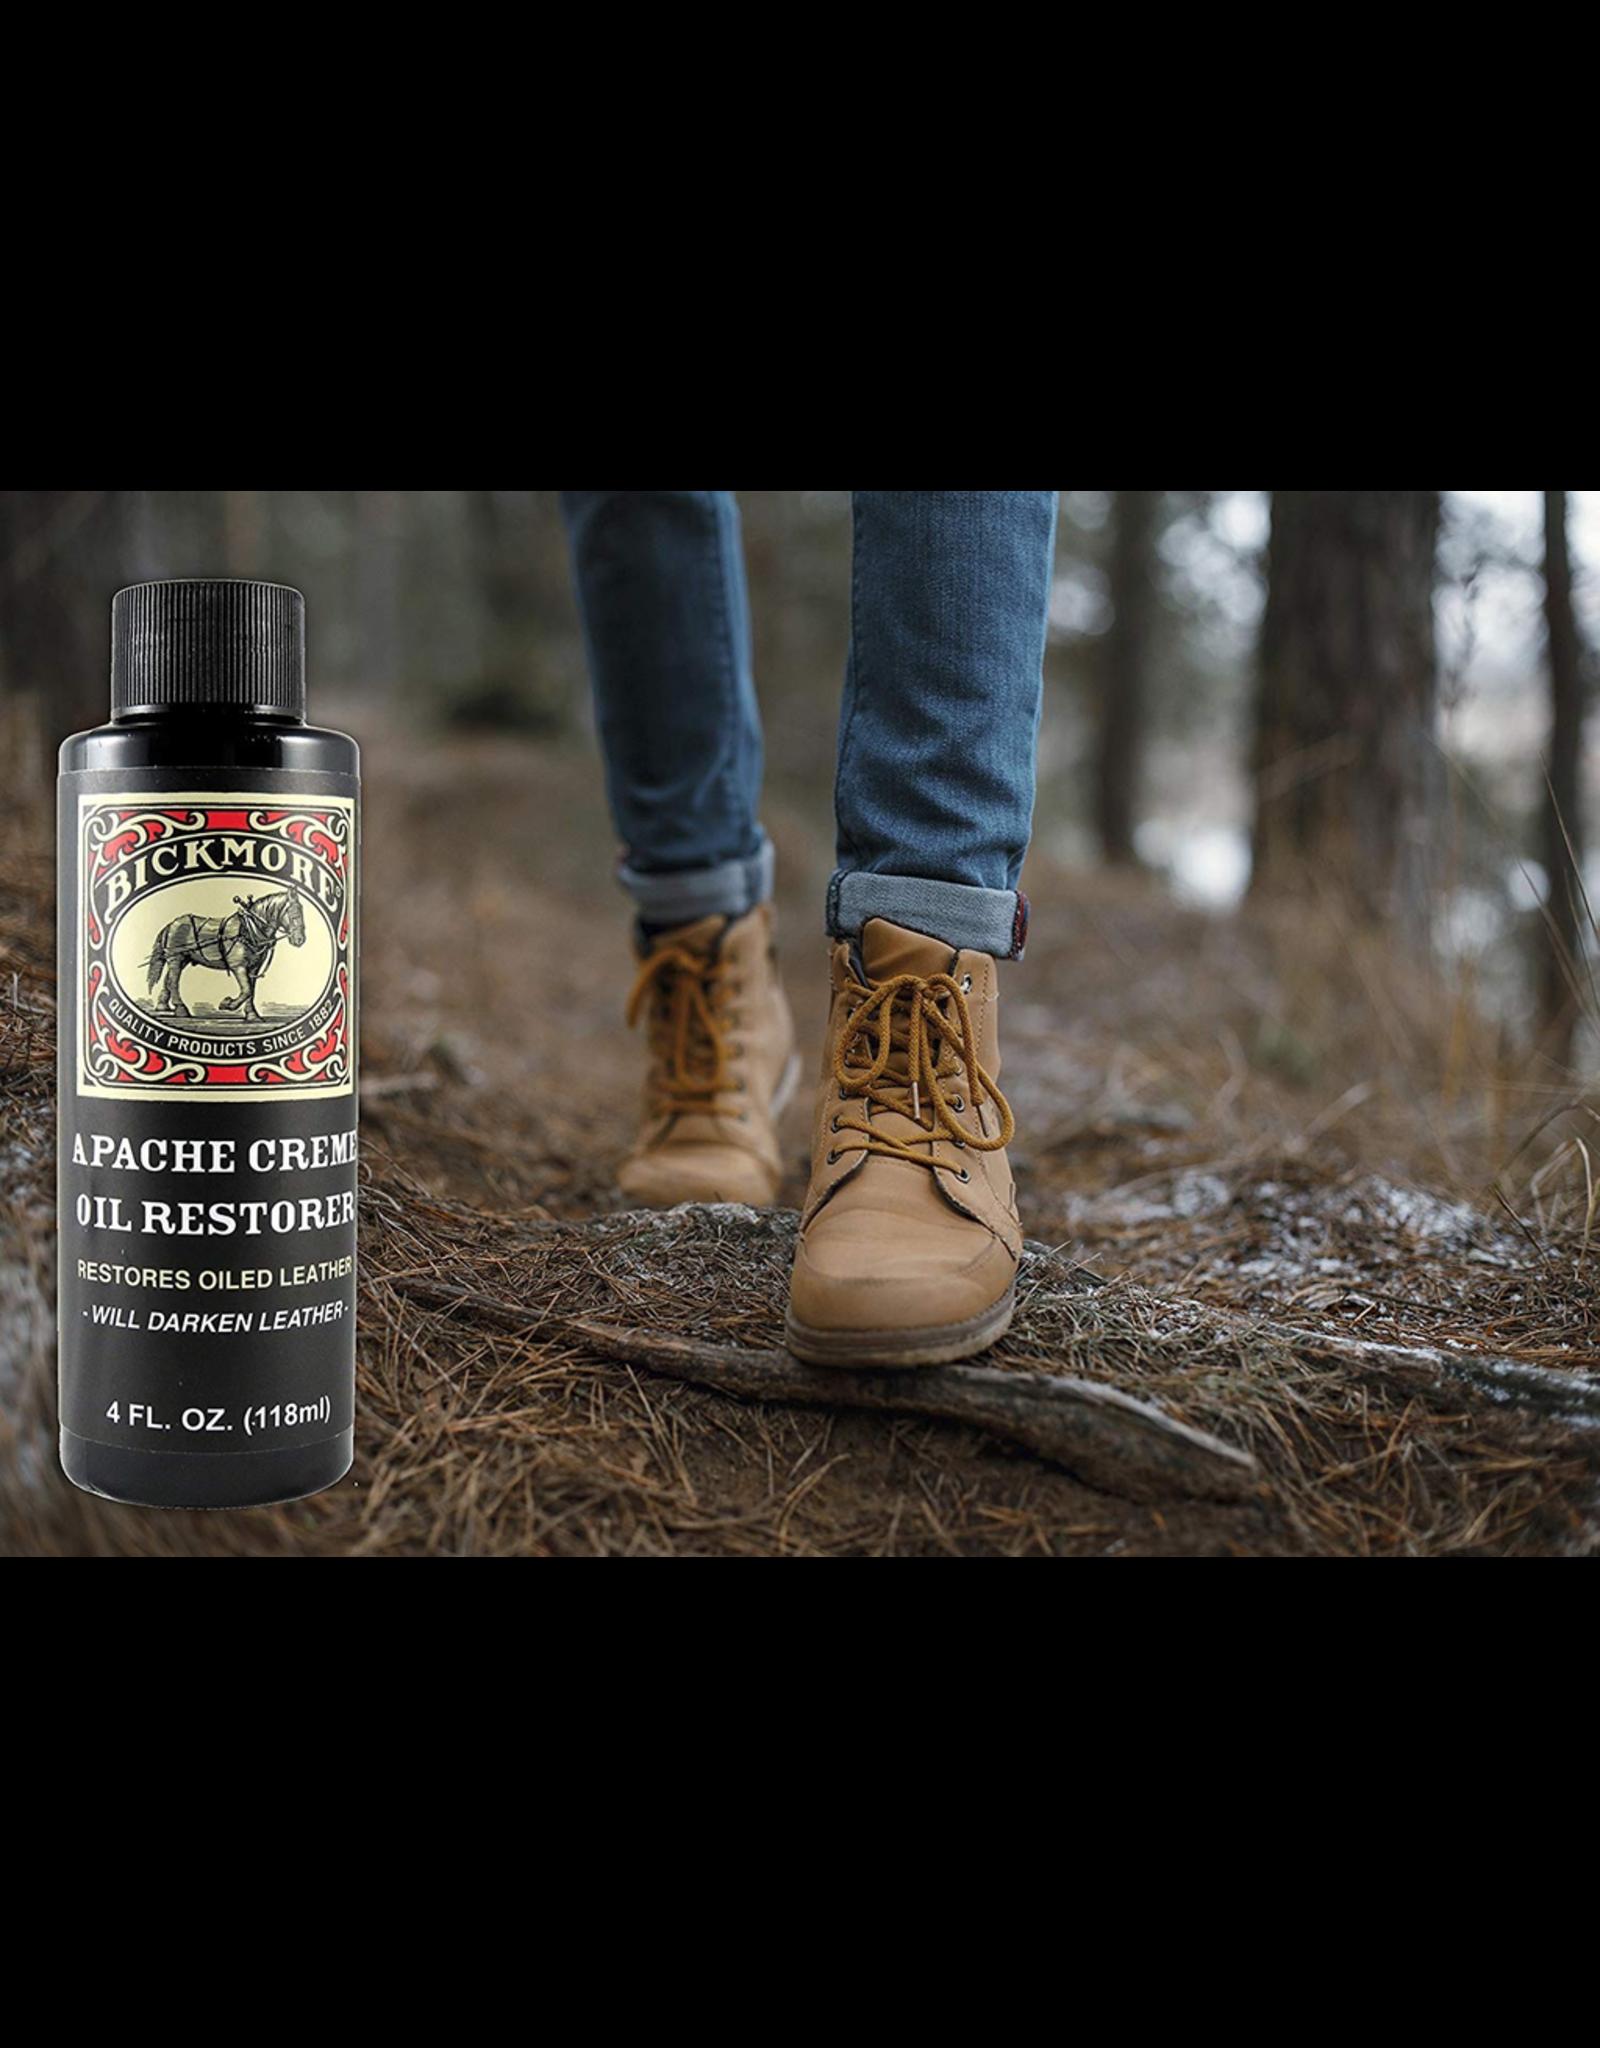 Boot Care Products BICKMORE Apache Cream  Oil Restorer 4 oz